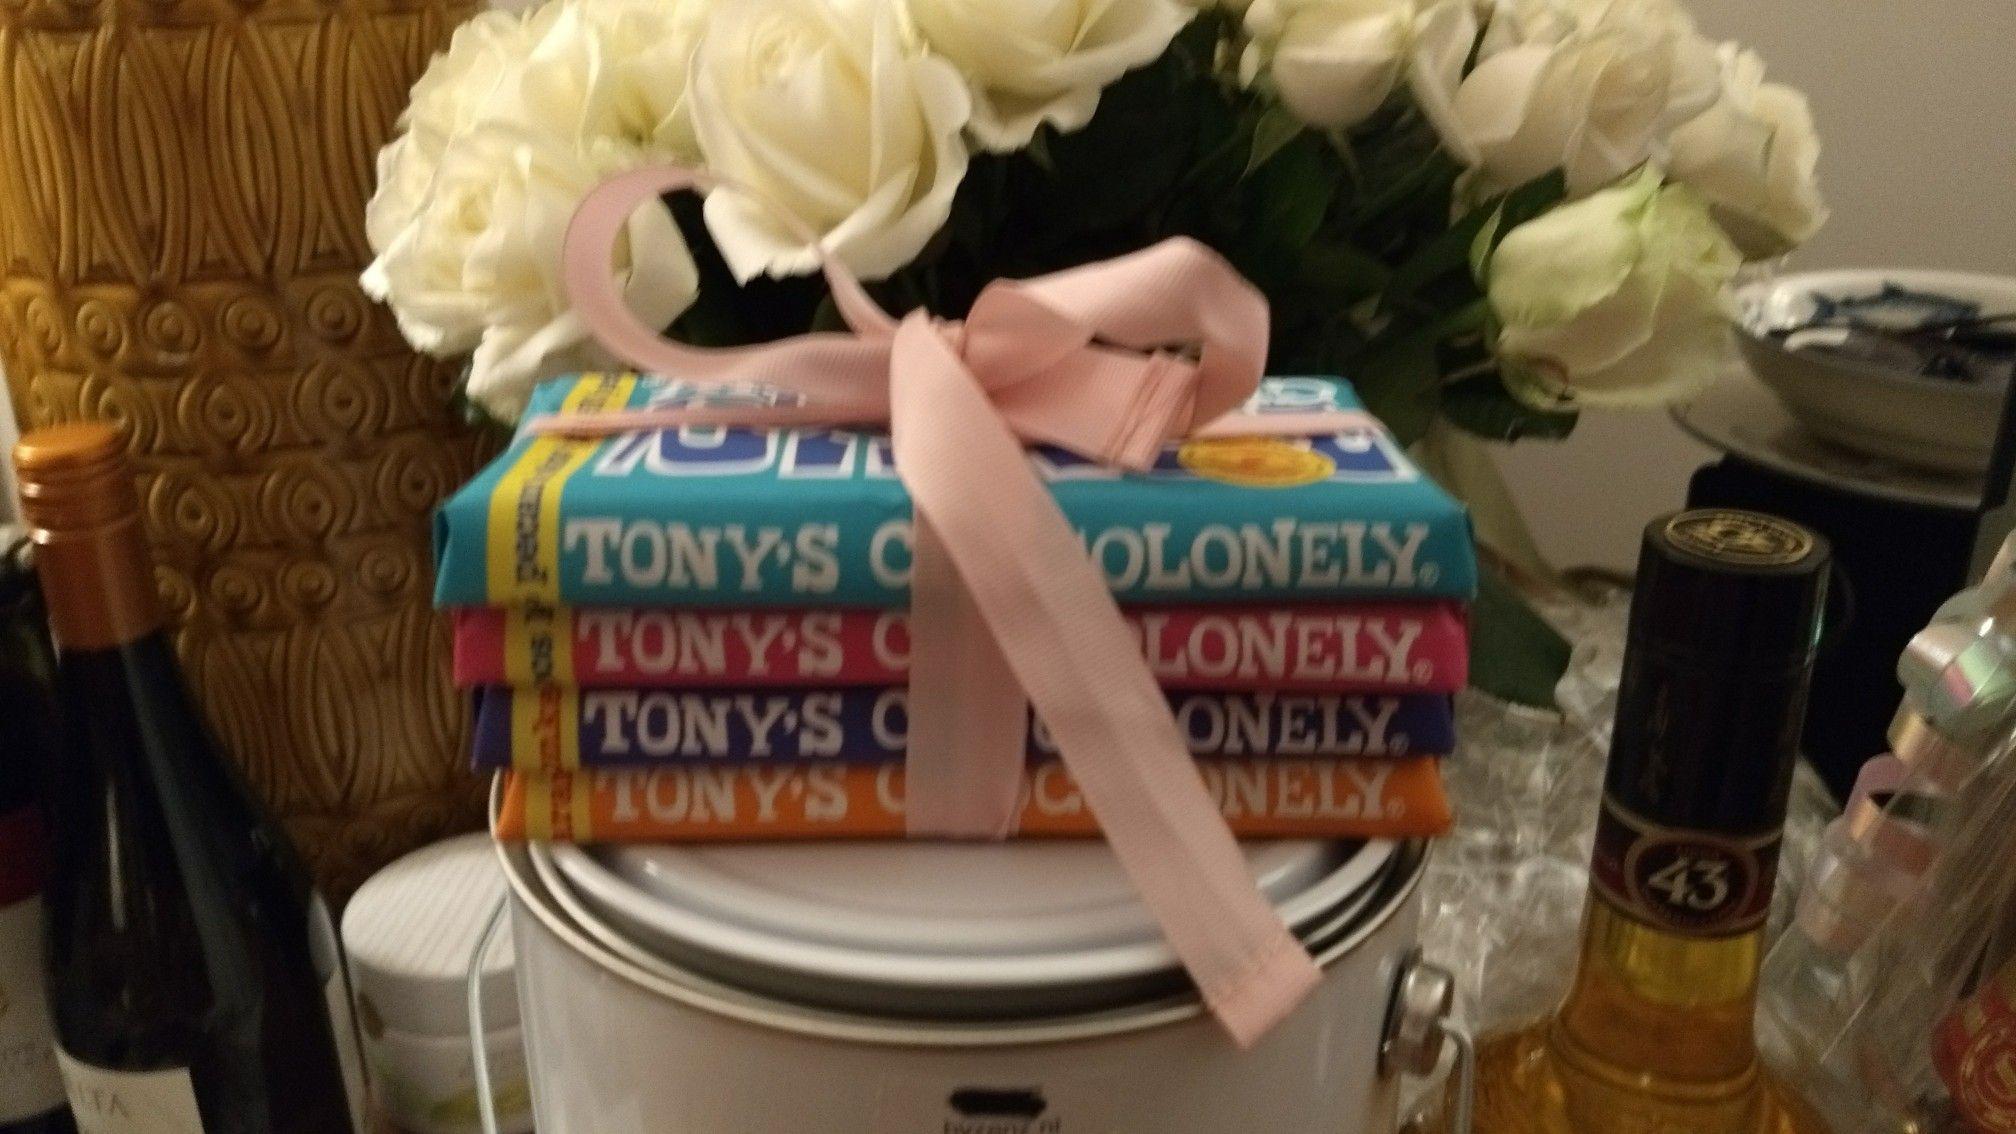 #Tony's # chocolade